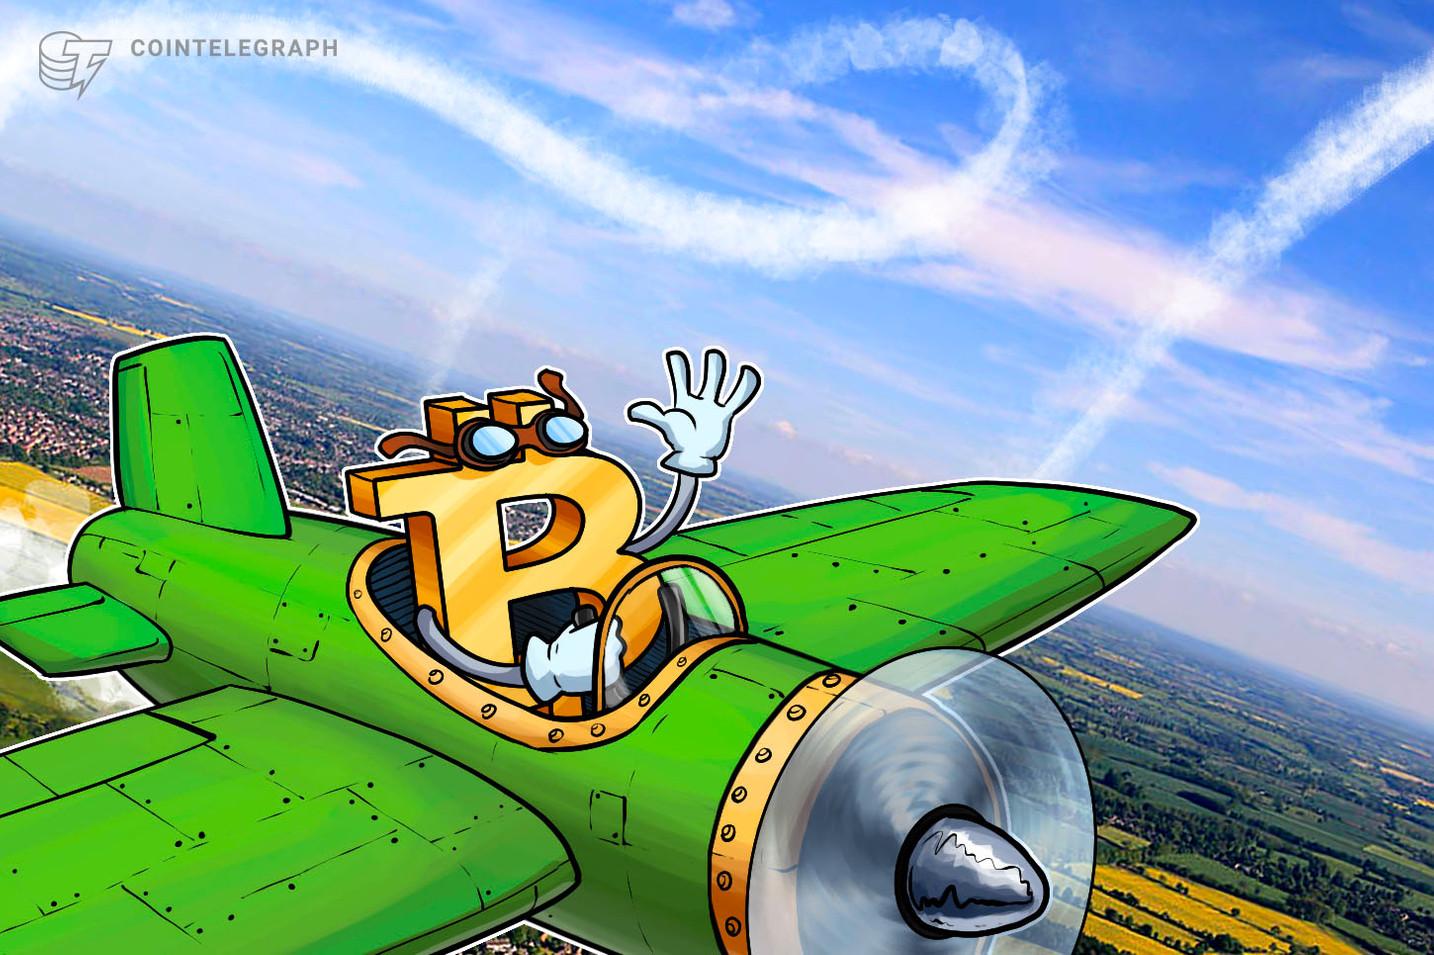 El precio de Bitcoin superó los 11,500 dólares y una métrica clave del precio sugiere una nueva prueba de los 12,000 dólares